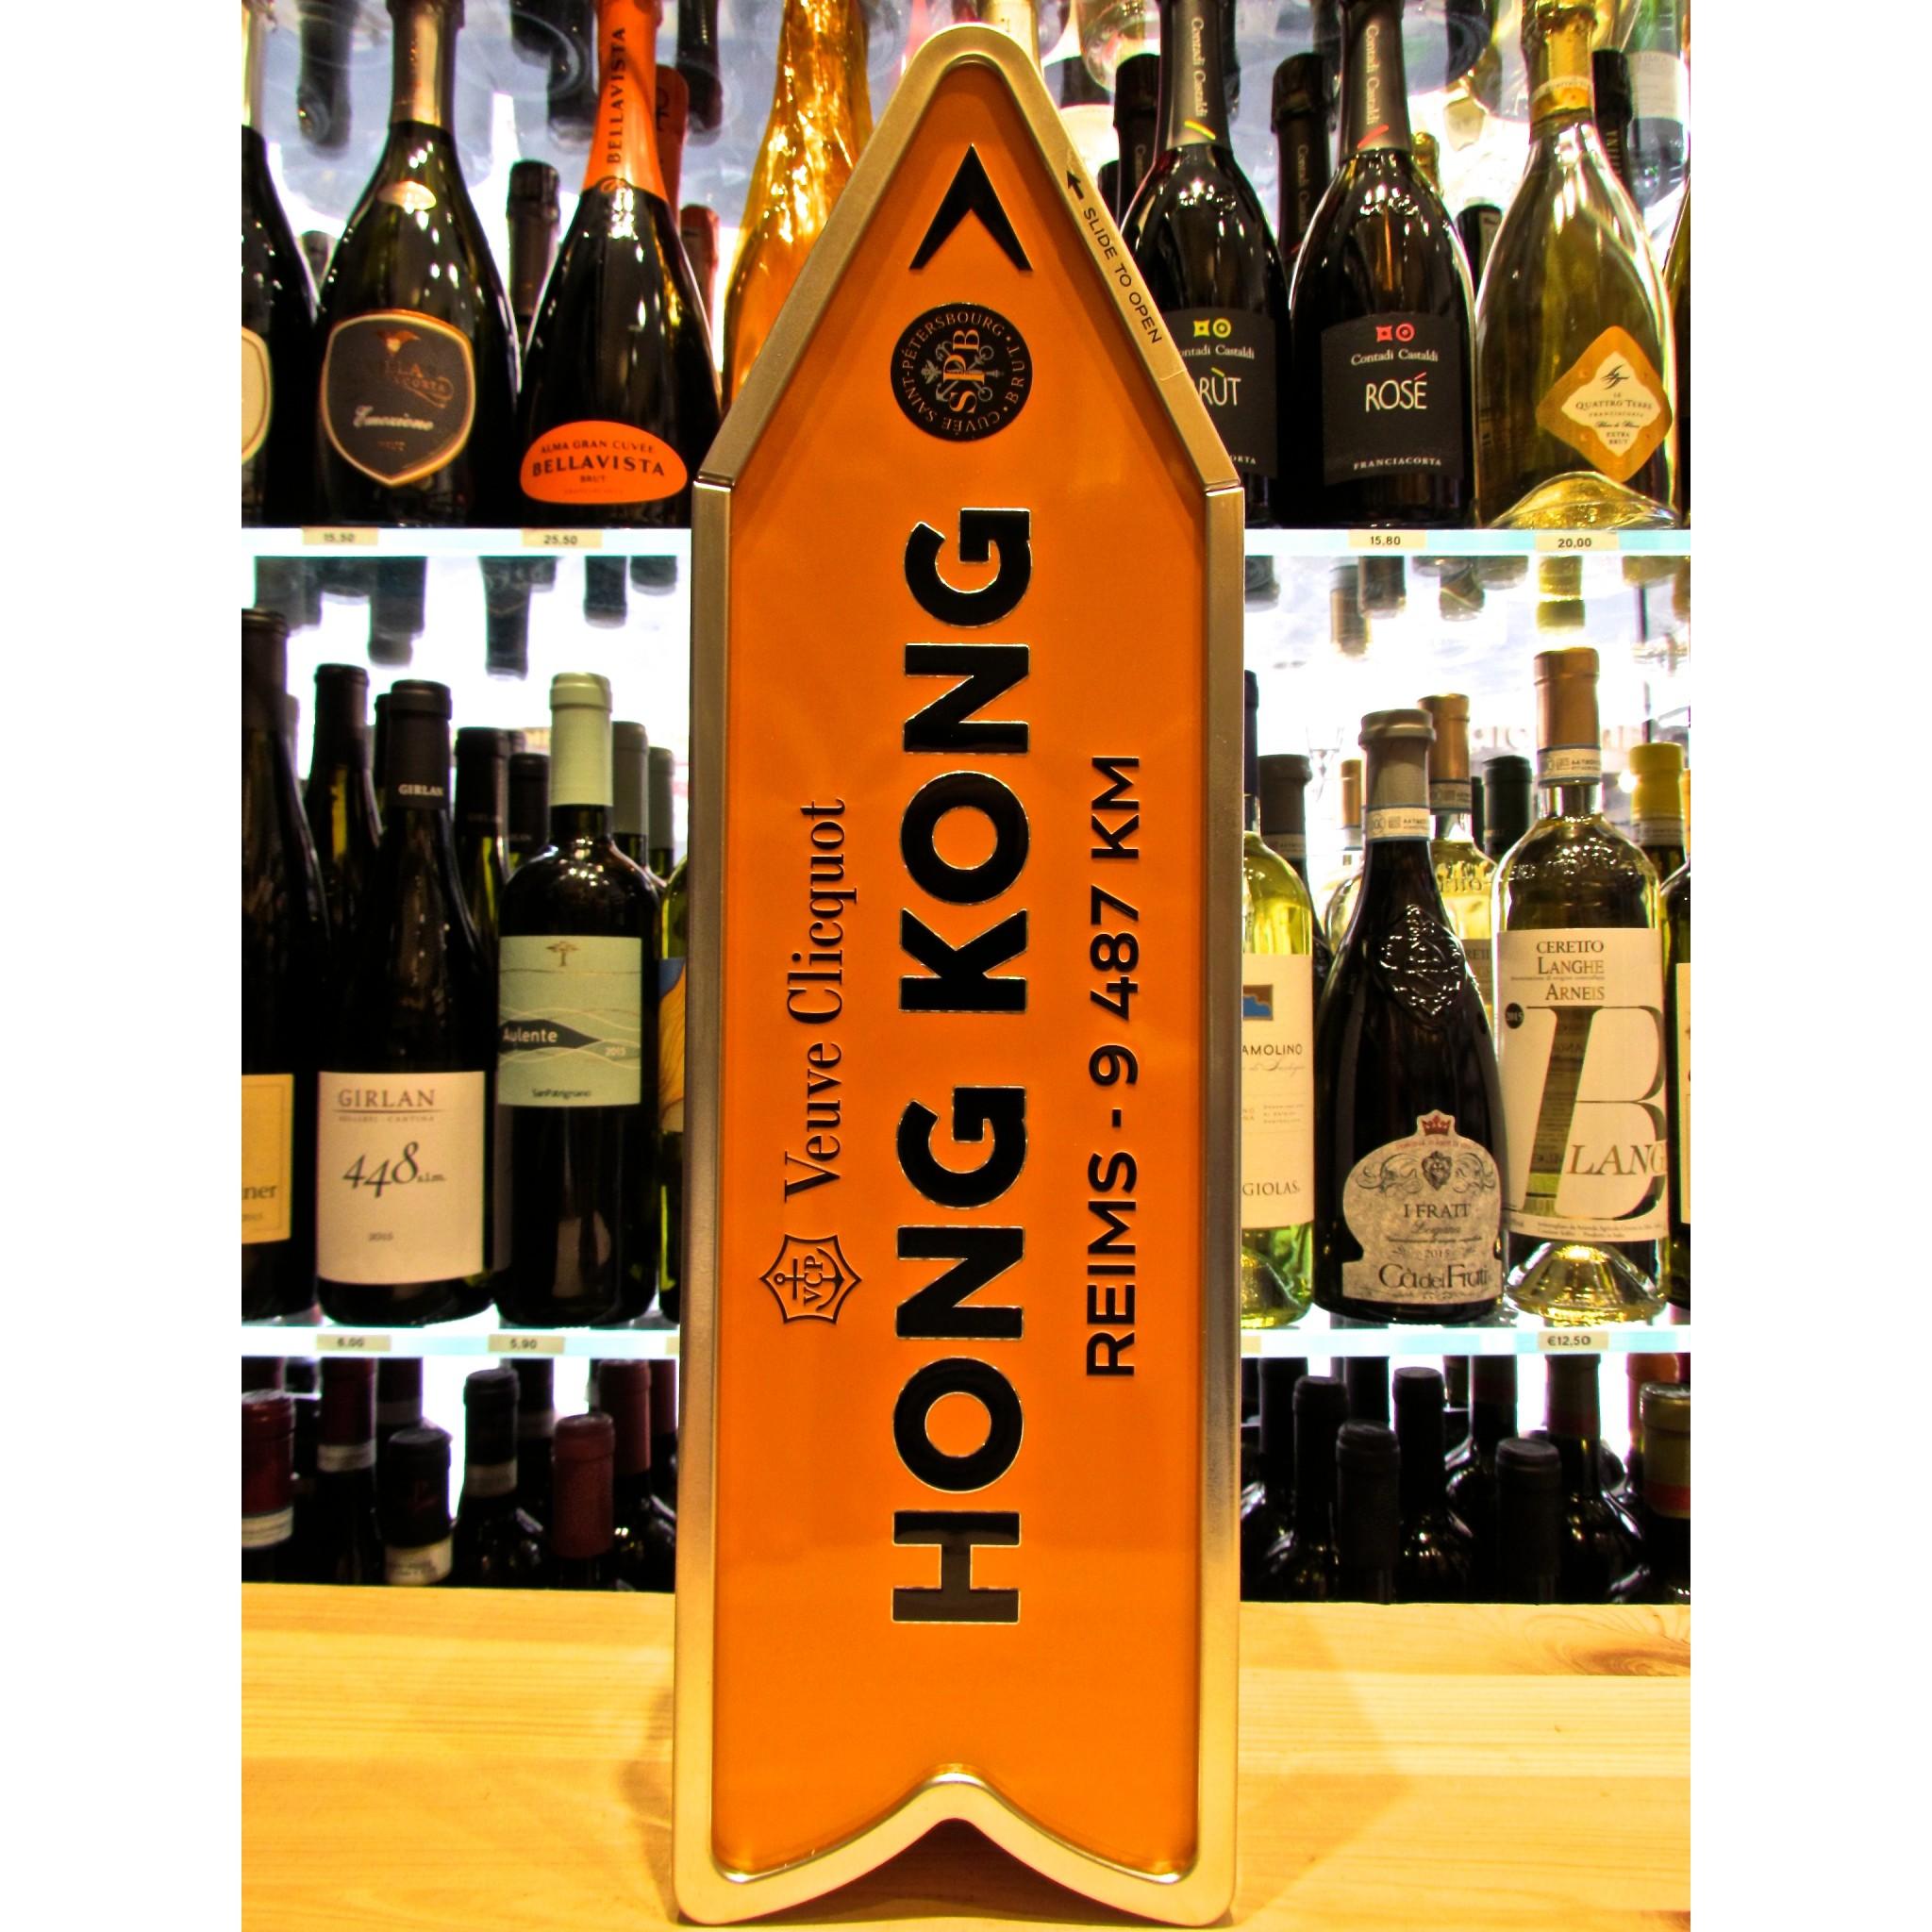 Veuve Clicquot Limited Edition Journey Arrow City Names